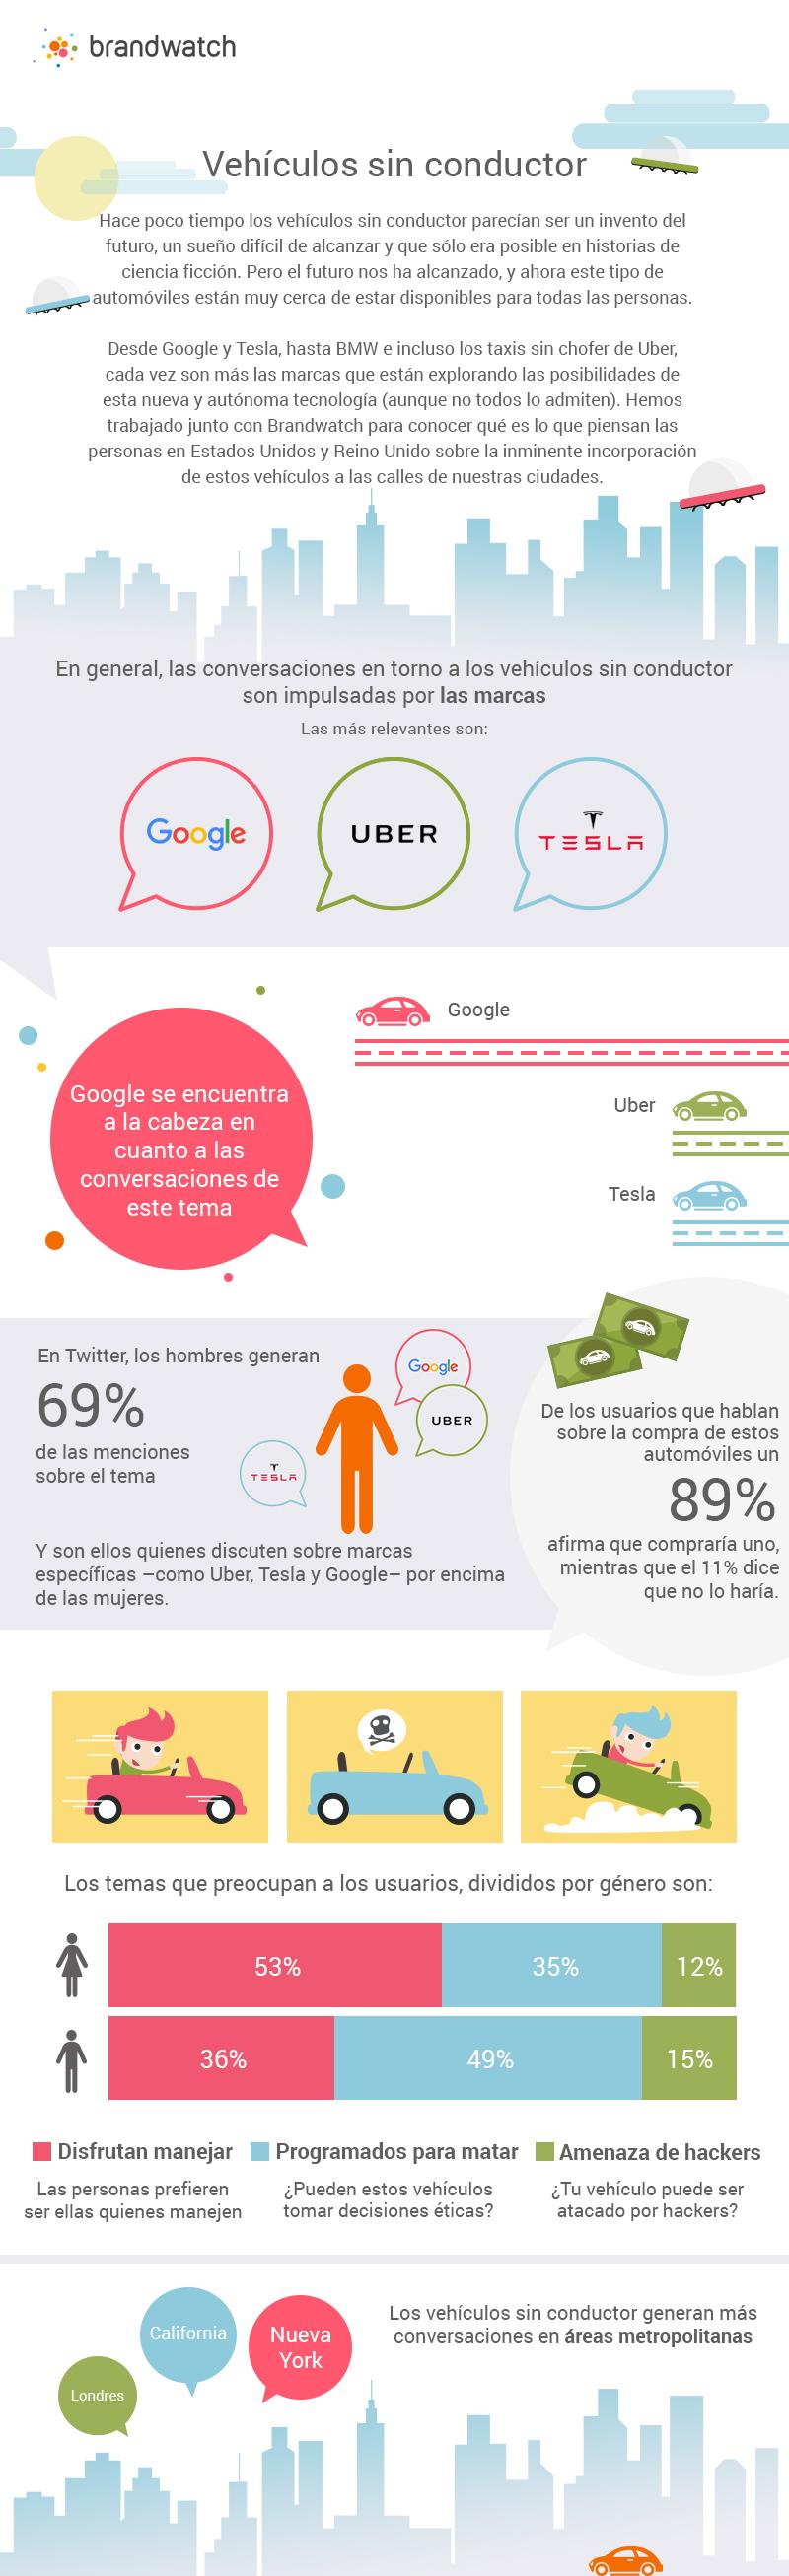 Qué dicen las redes sociales de los vehículos sin conductor